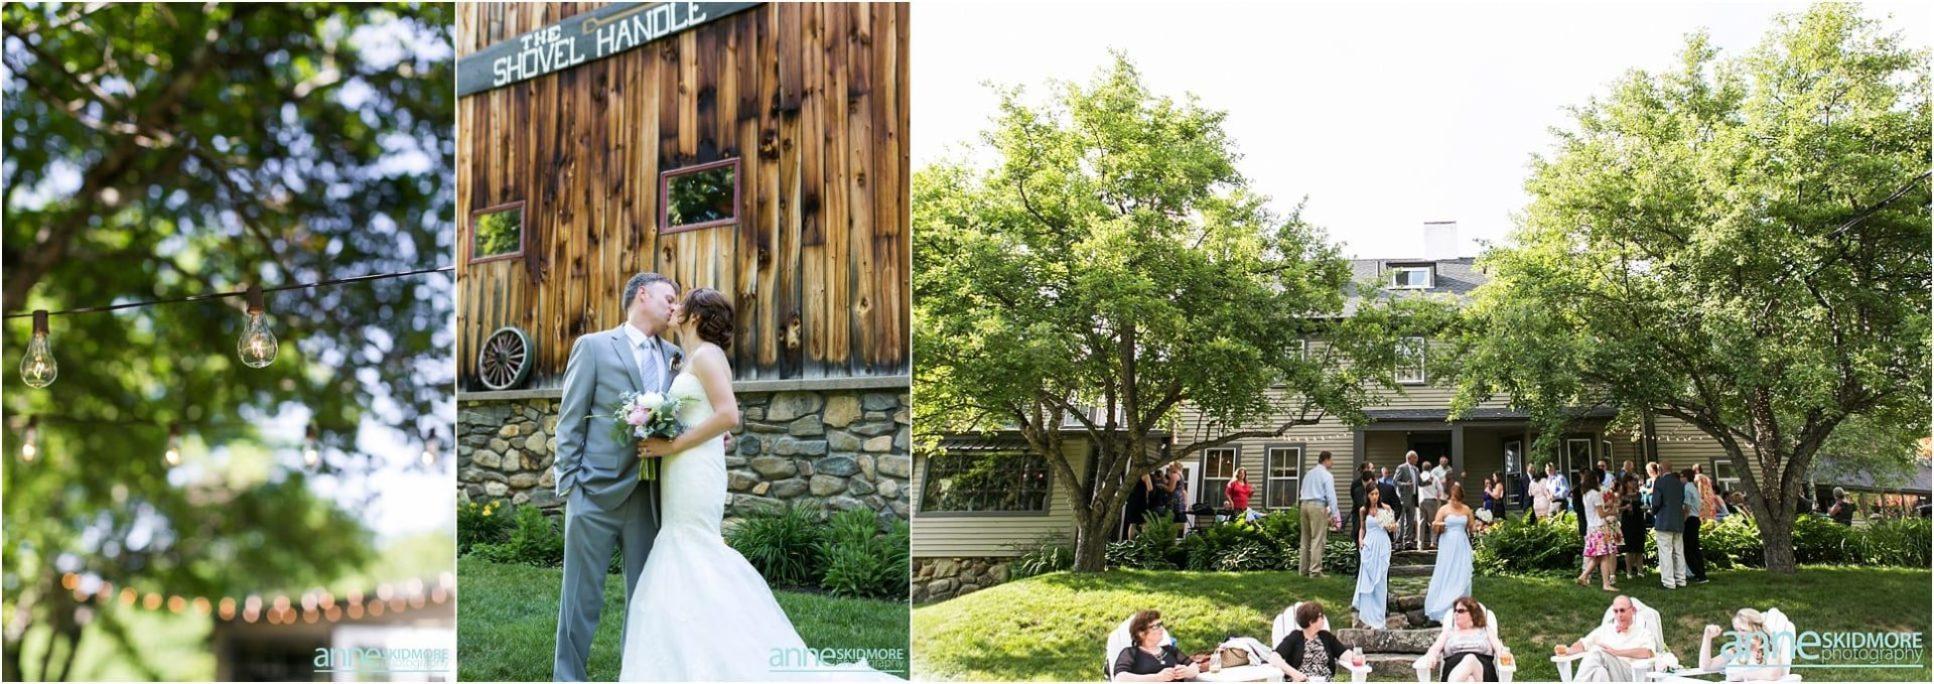 Whitneys_Inn_Wedding_0036